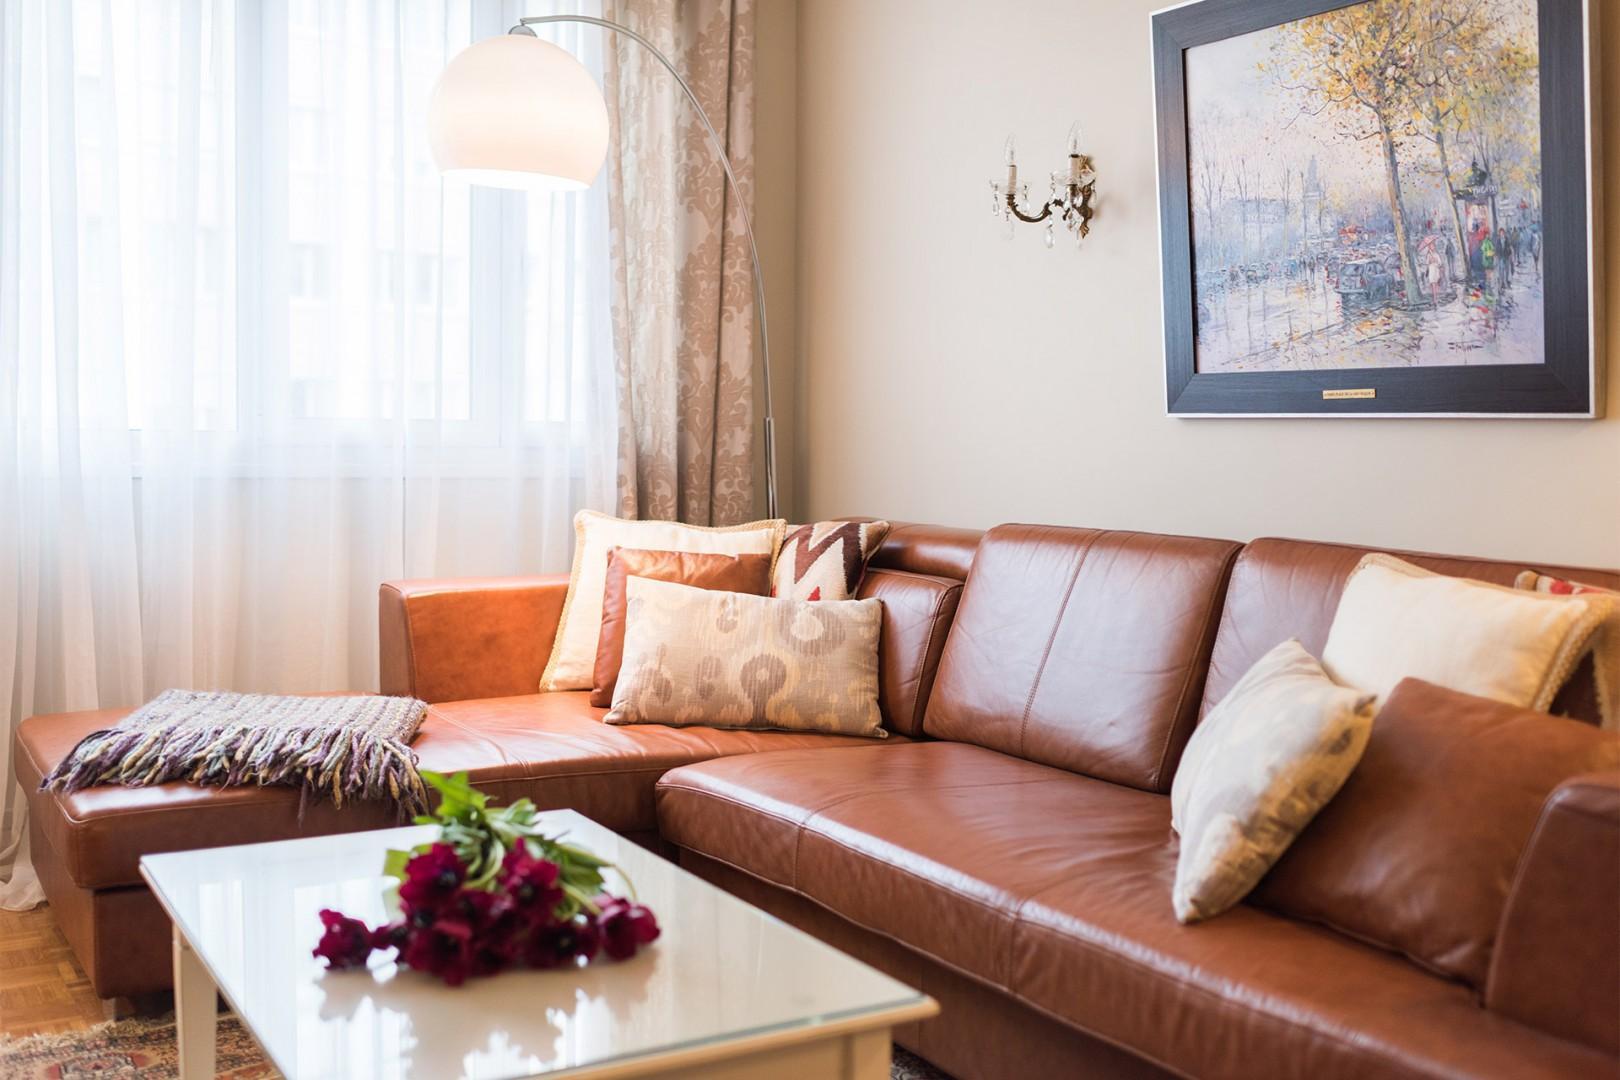 Kick back on the stylish and comfortable sofa.